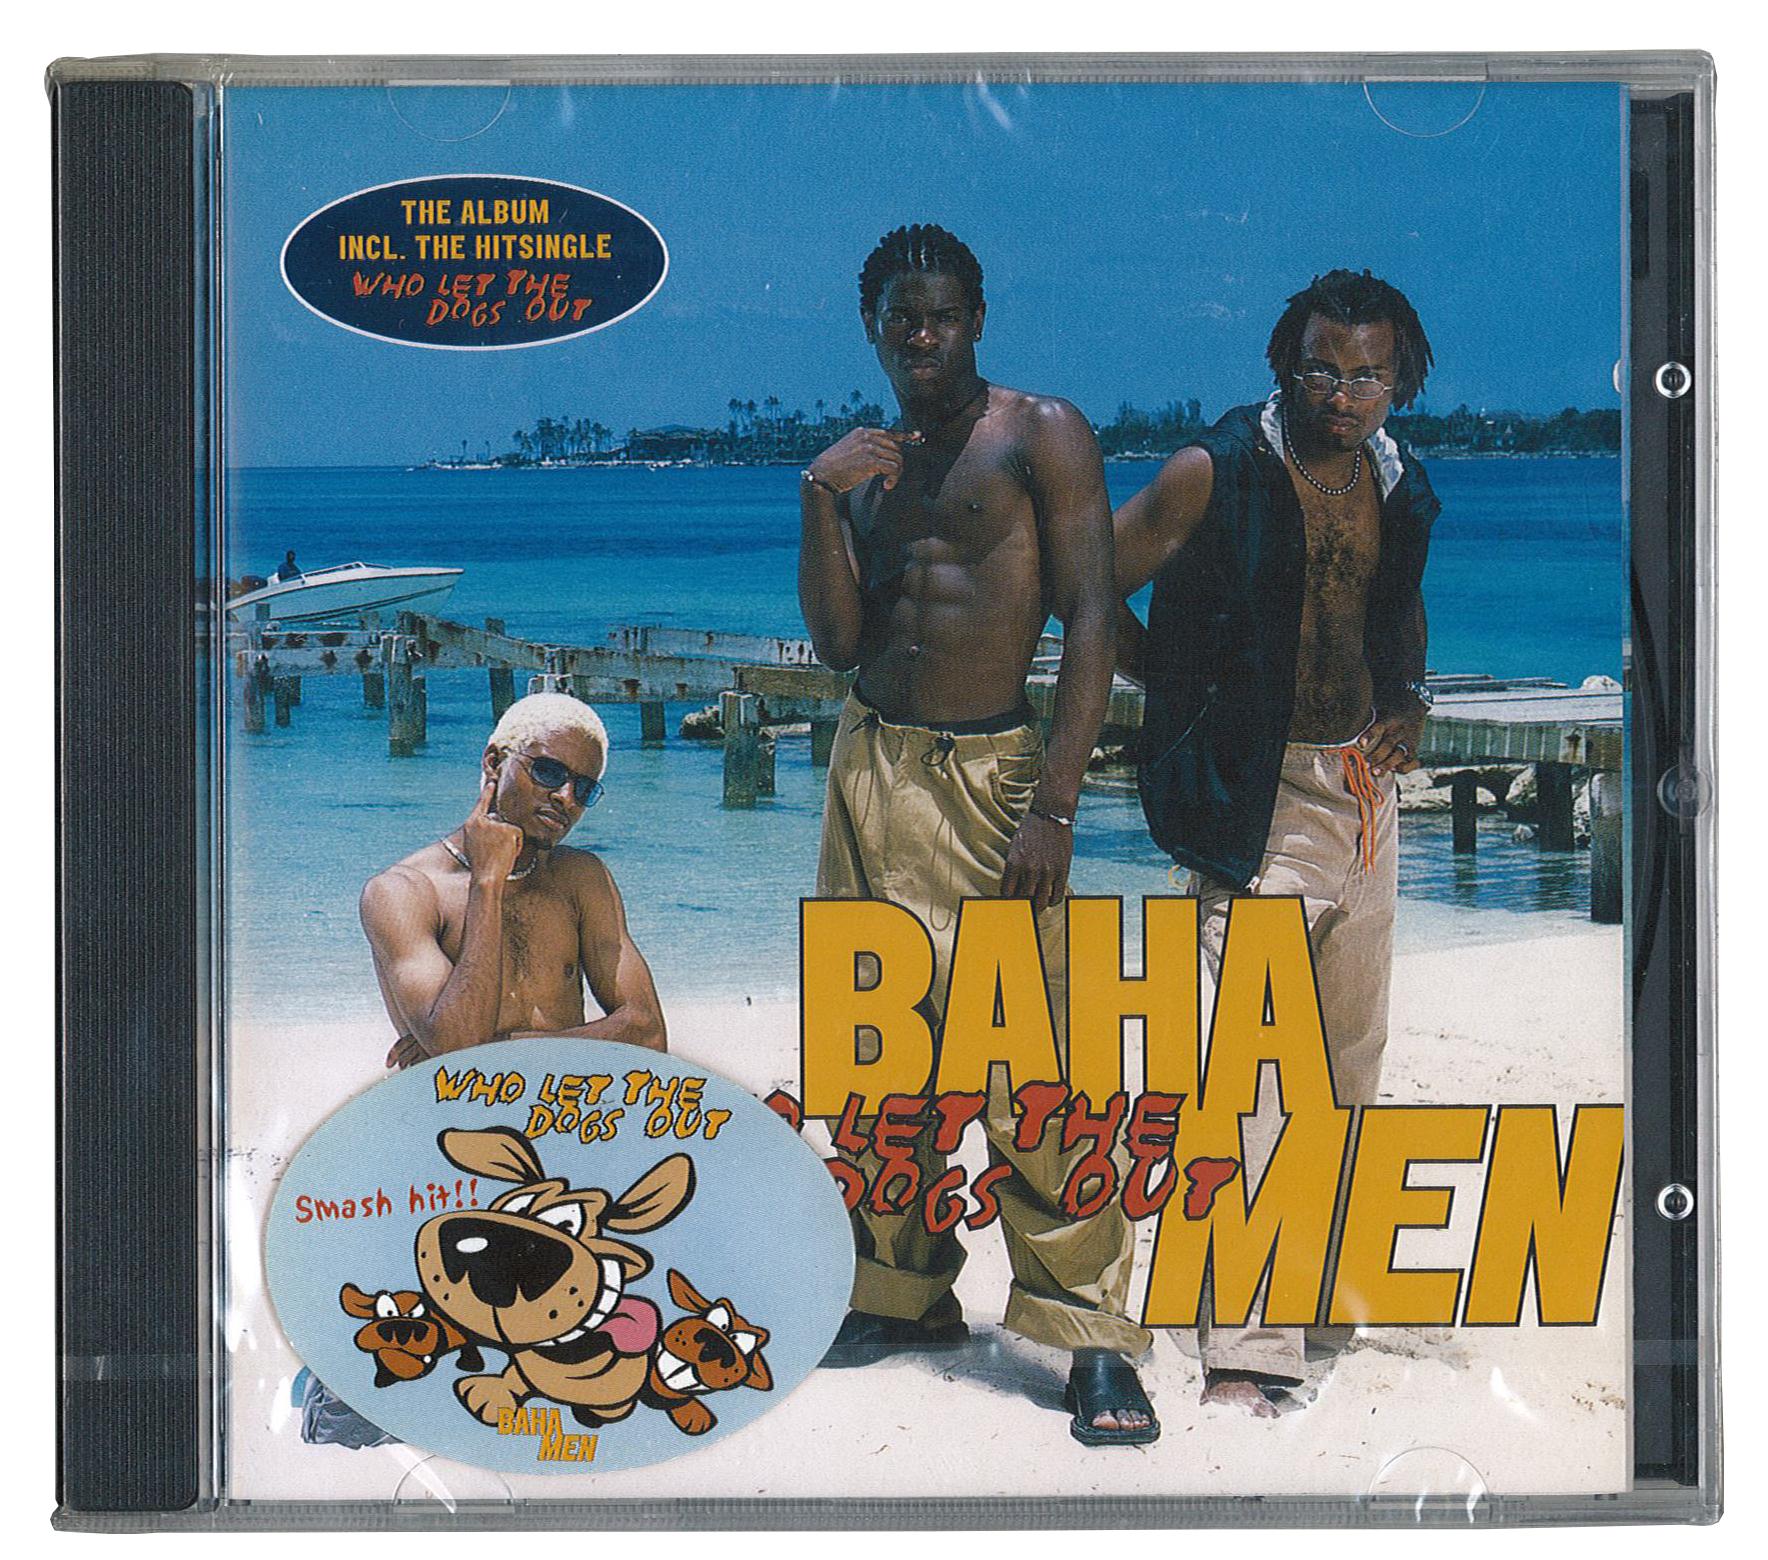 WLWLTDOO-2000-CD-BAHA_MEN-WLTDO-KOREA-FRONT.jpg